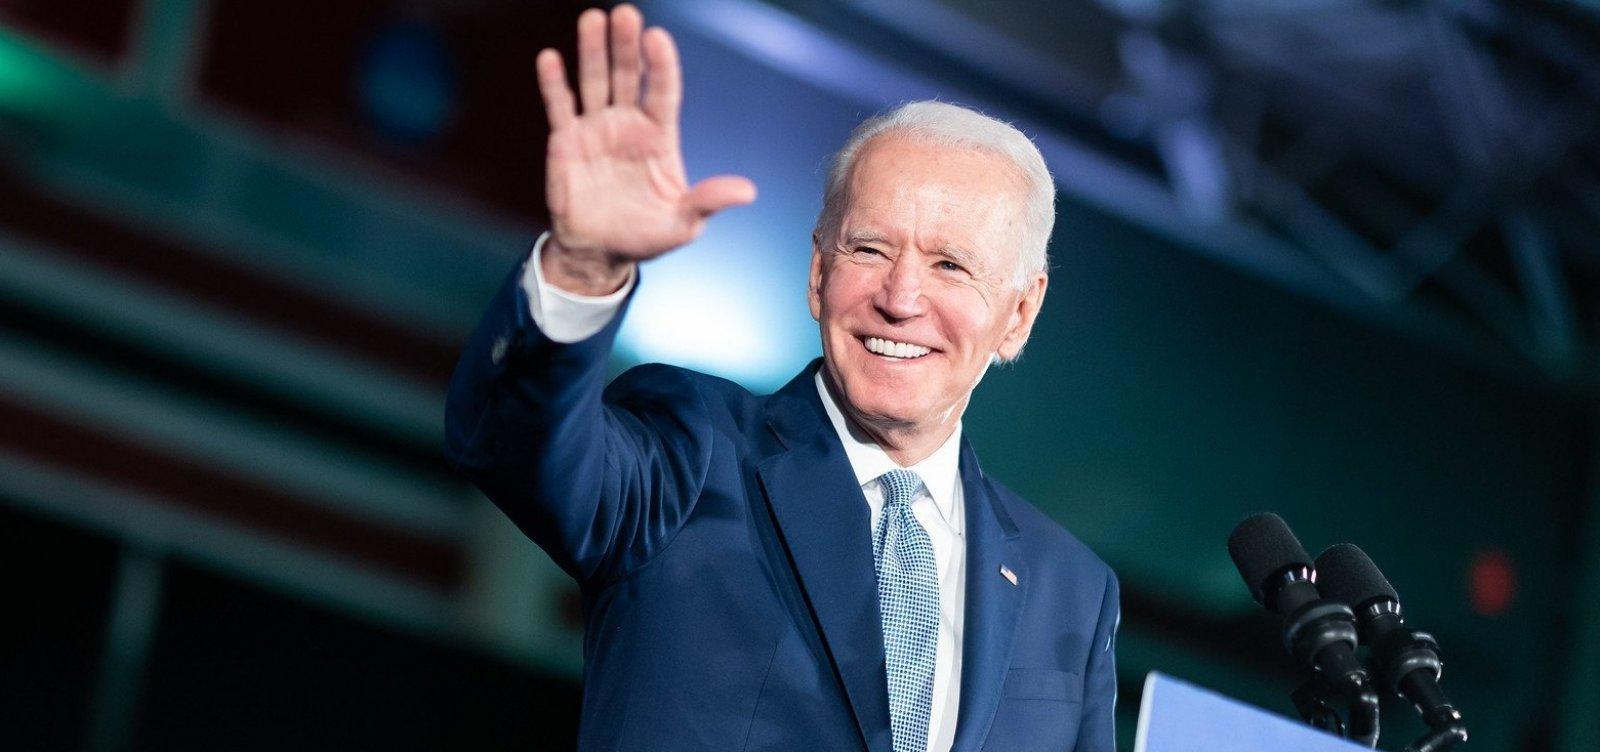 [Equipe de comunicação de Biden será totalmente formada por mulheres]